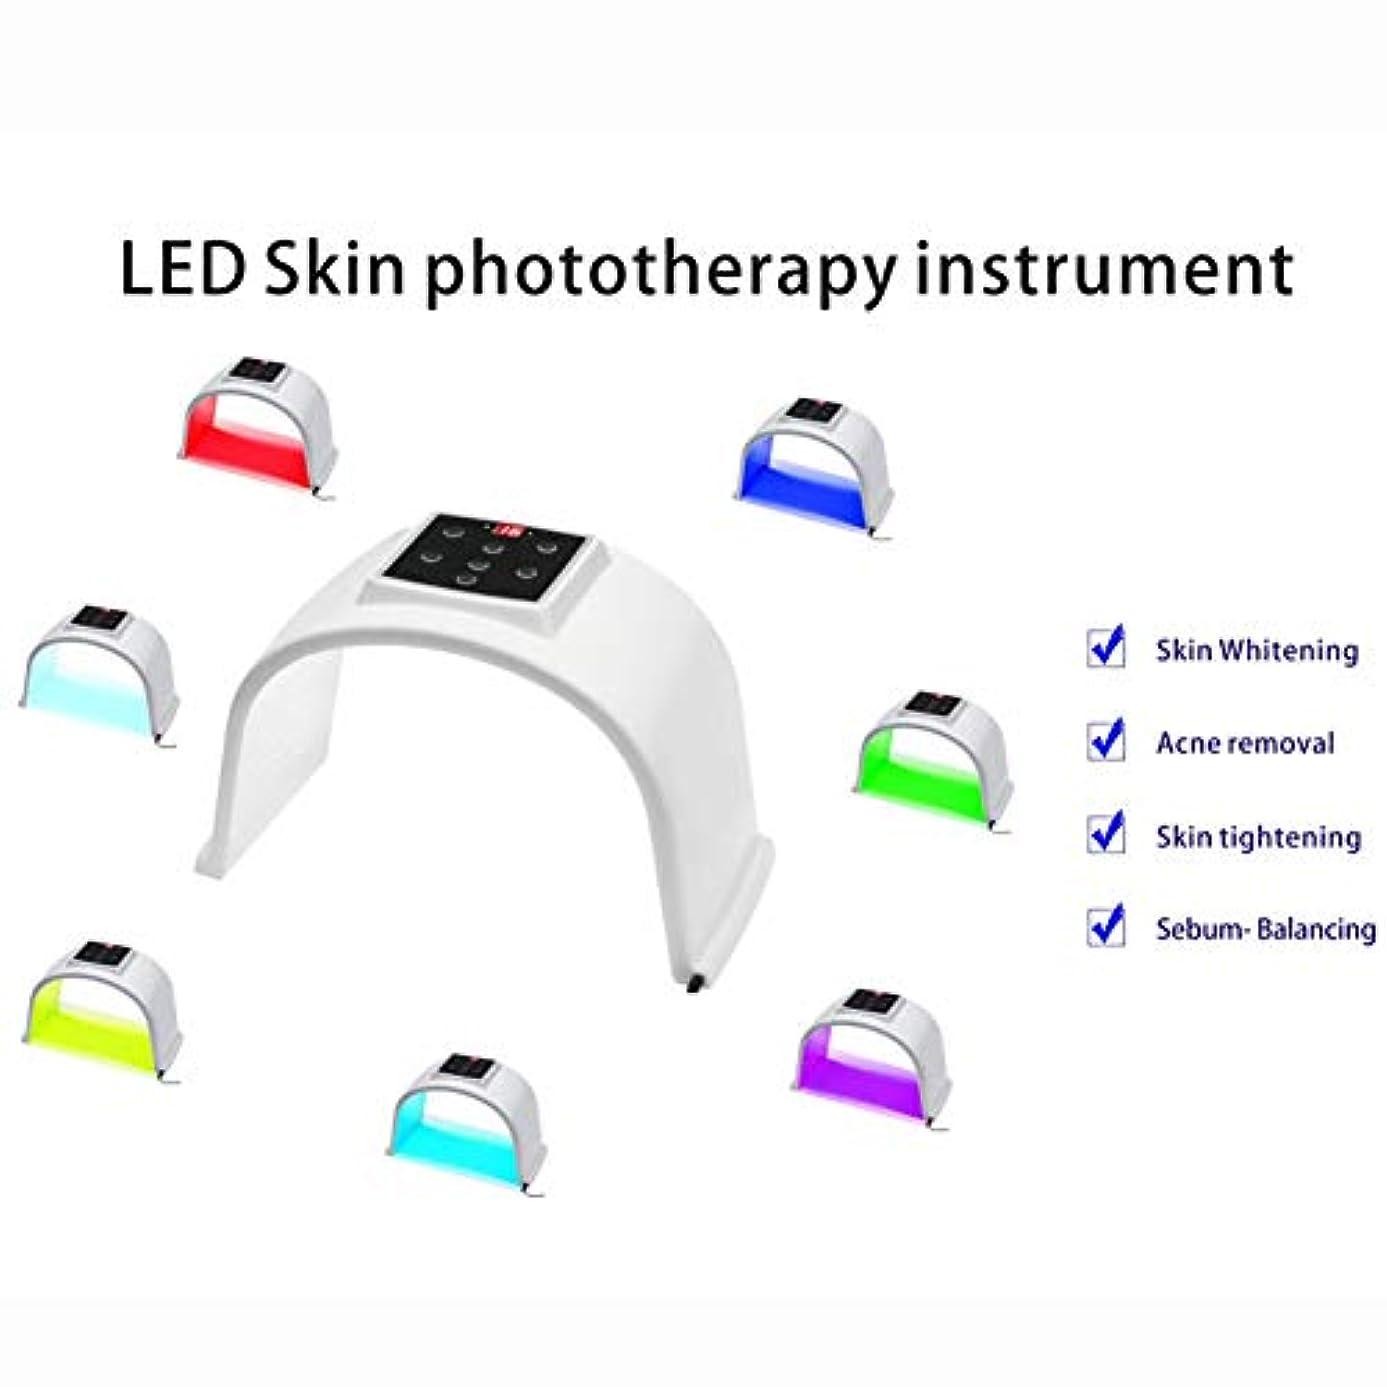 提出する費やすによると7色LED肌の光線療法の器械、7色LEDの顔のマスク、人及び女性の老化防止/皮の若返り/にきびの減少PDT光線療法のDermatometer